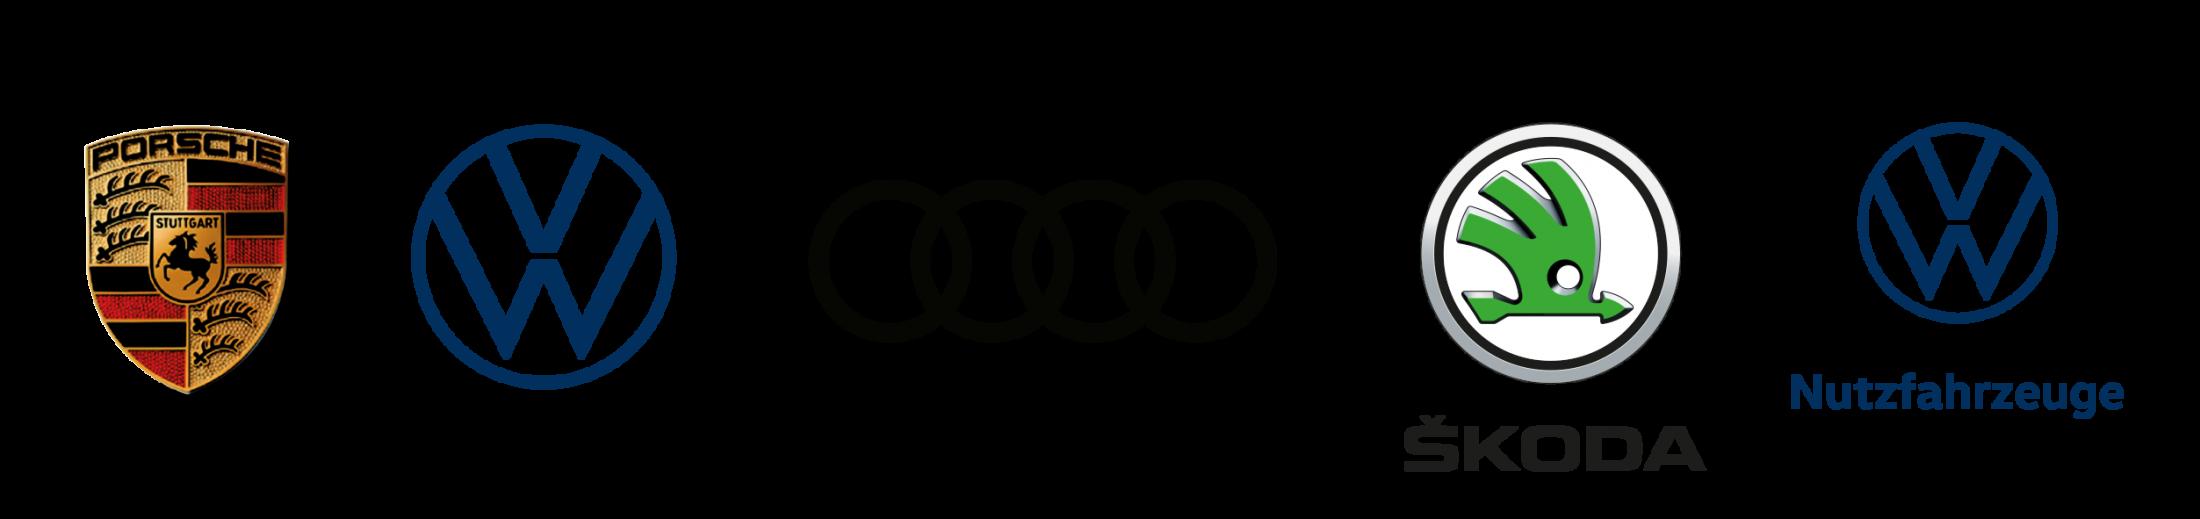 Wiest Autohaeuser Marken